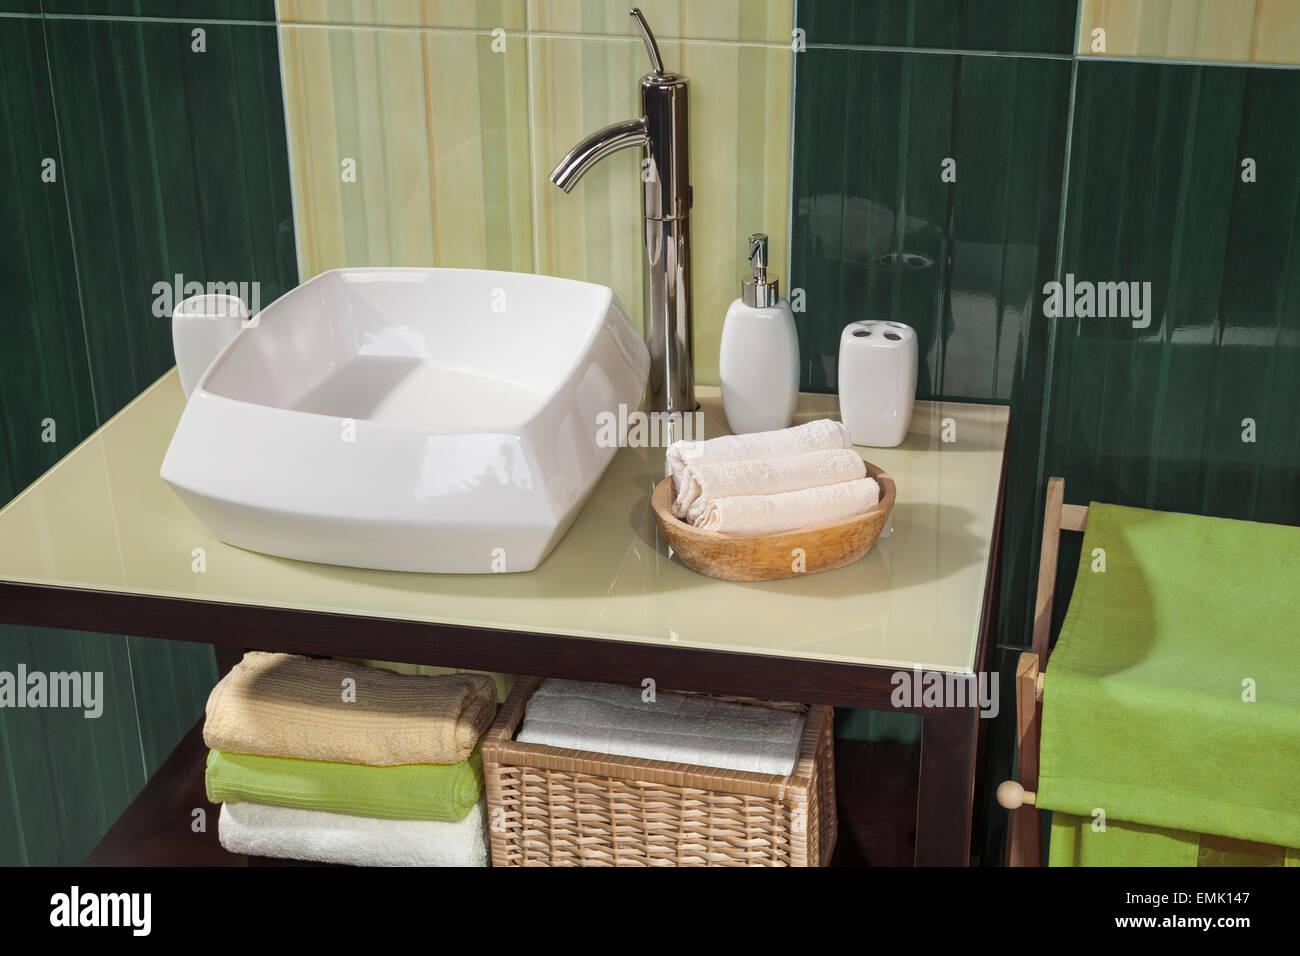 Dettaglio di un moderno bagno con lavandino e accessori mobiletto